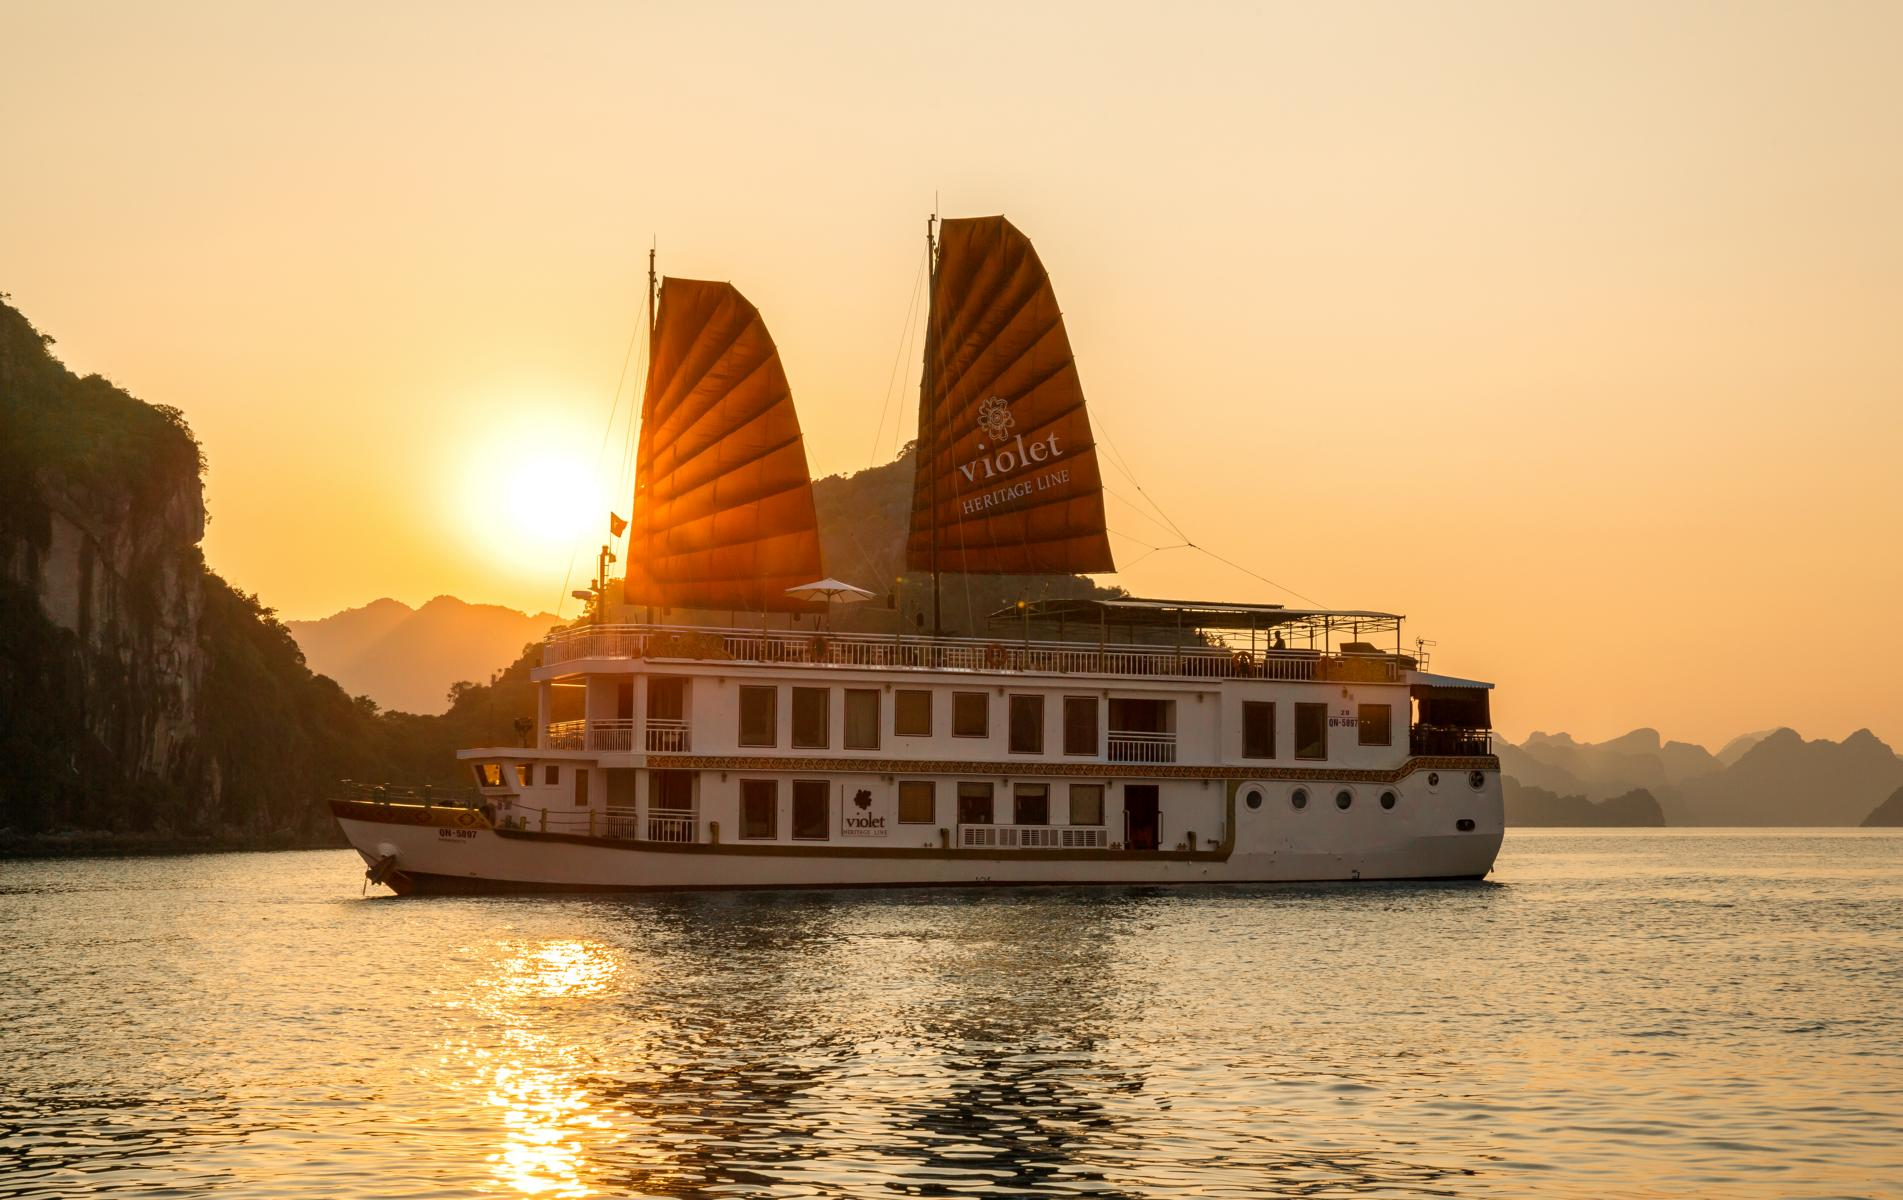 Die Violet der Heritage Line in der Halong Bucht im Sonnenuntergang